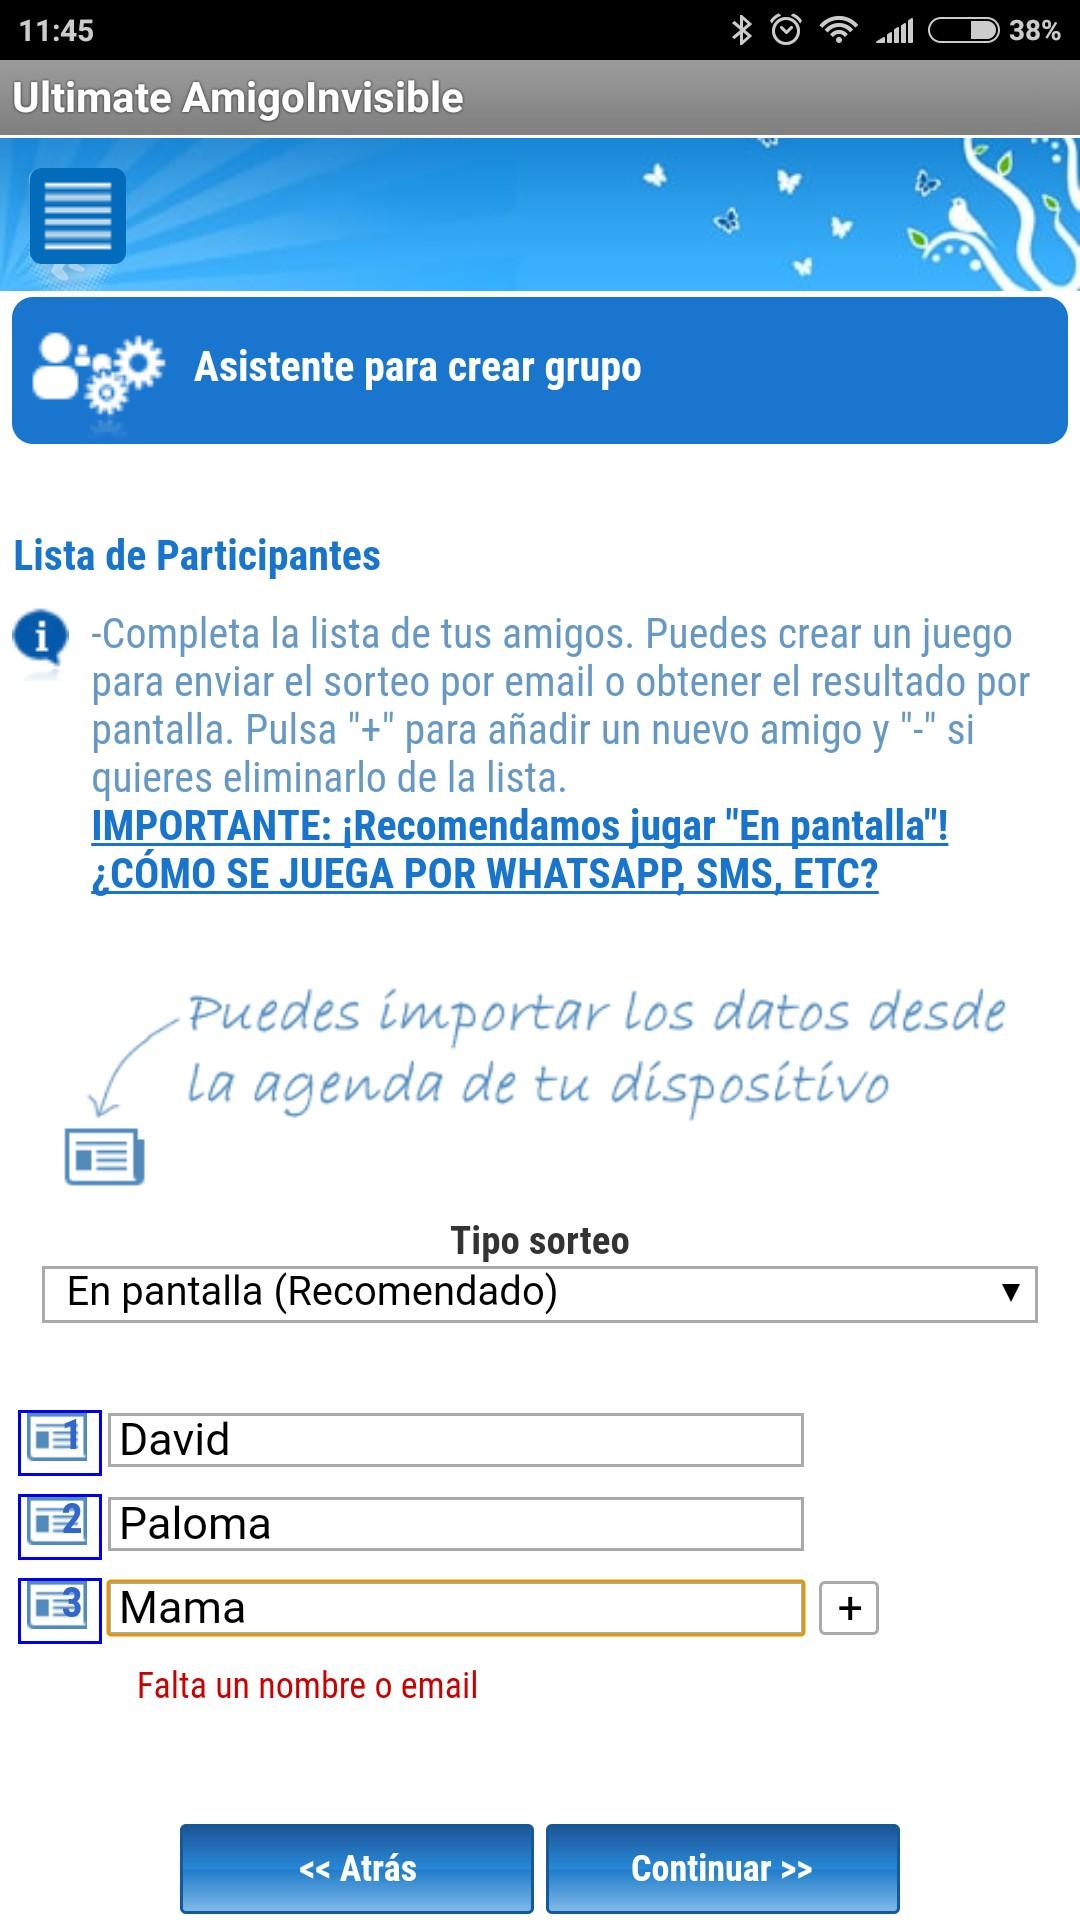 Calendario de Adviento da 5 App para organizar el amigo